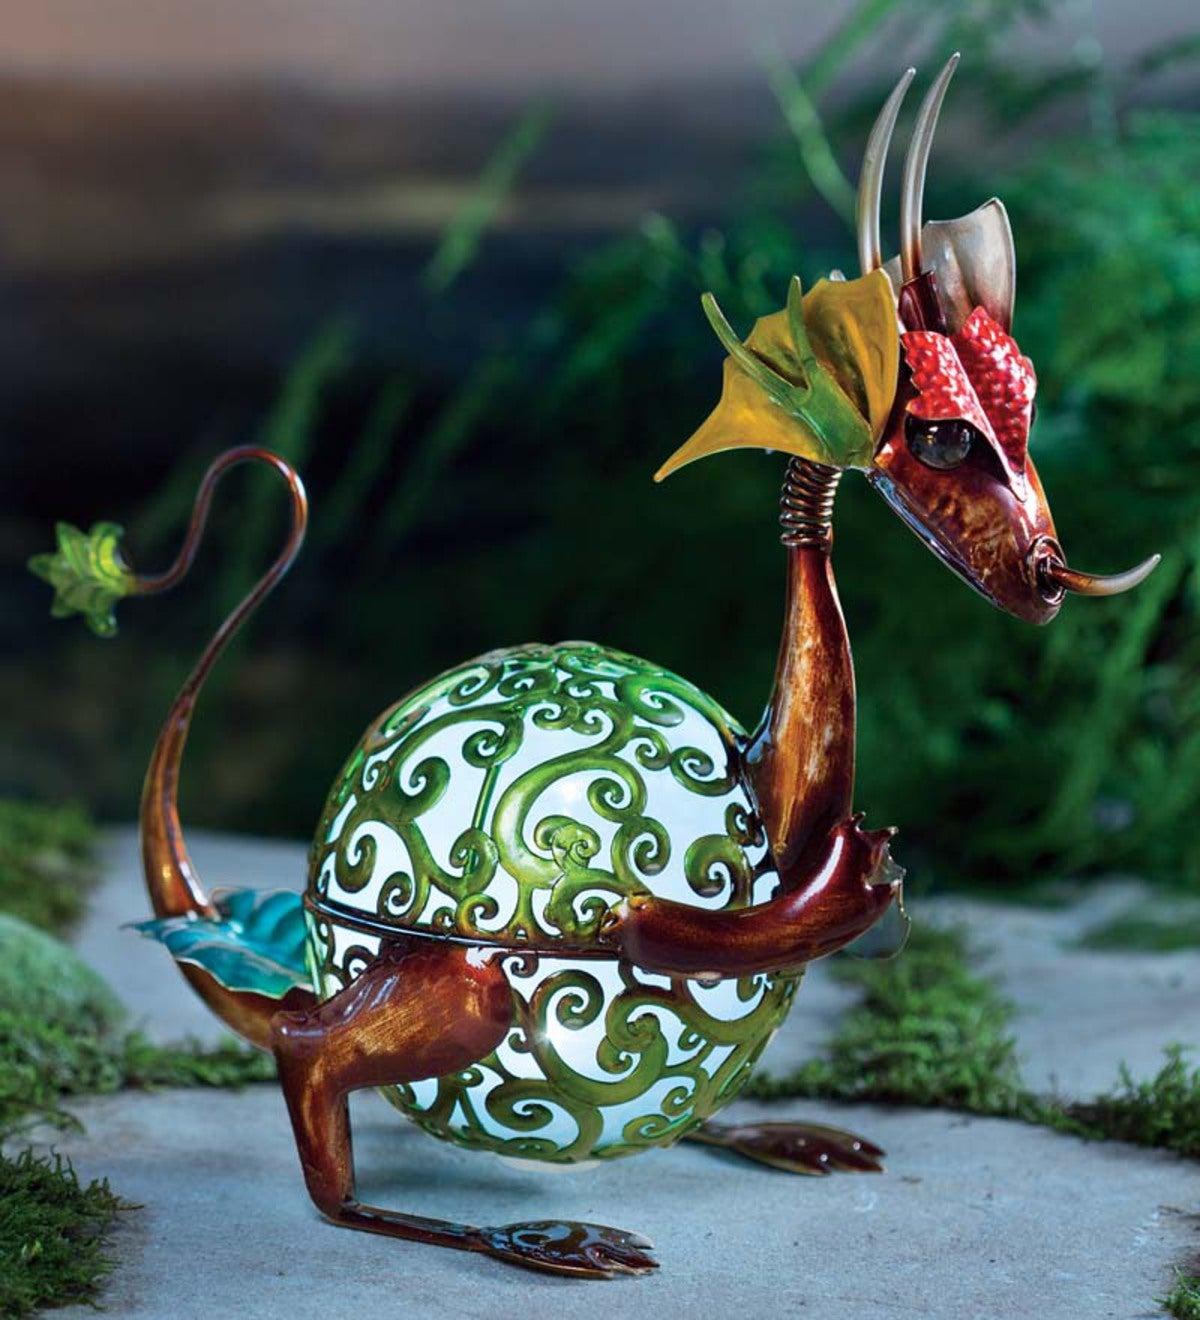 Dragon Garden Sculpture With Solar Globe